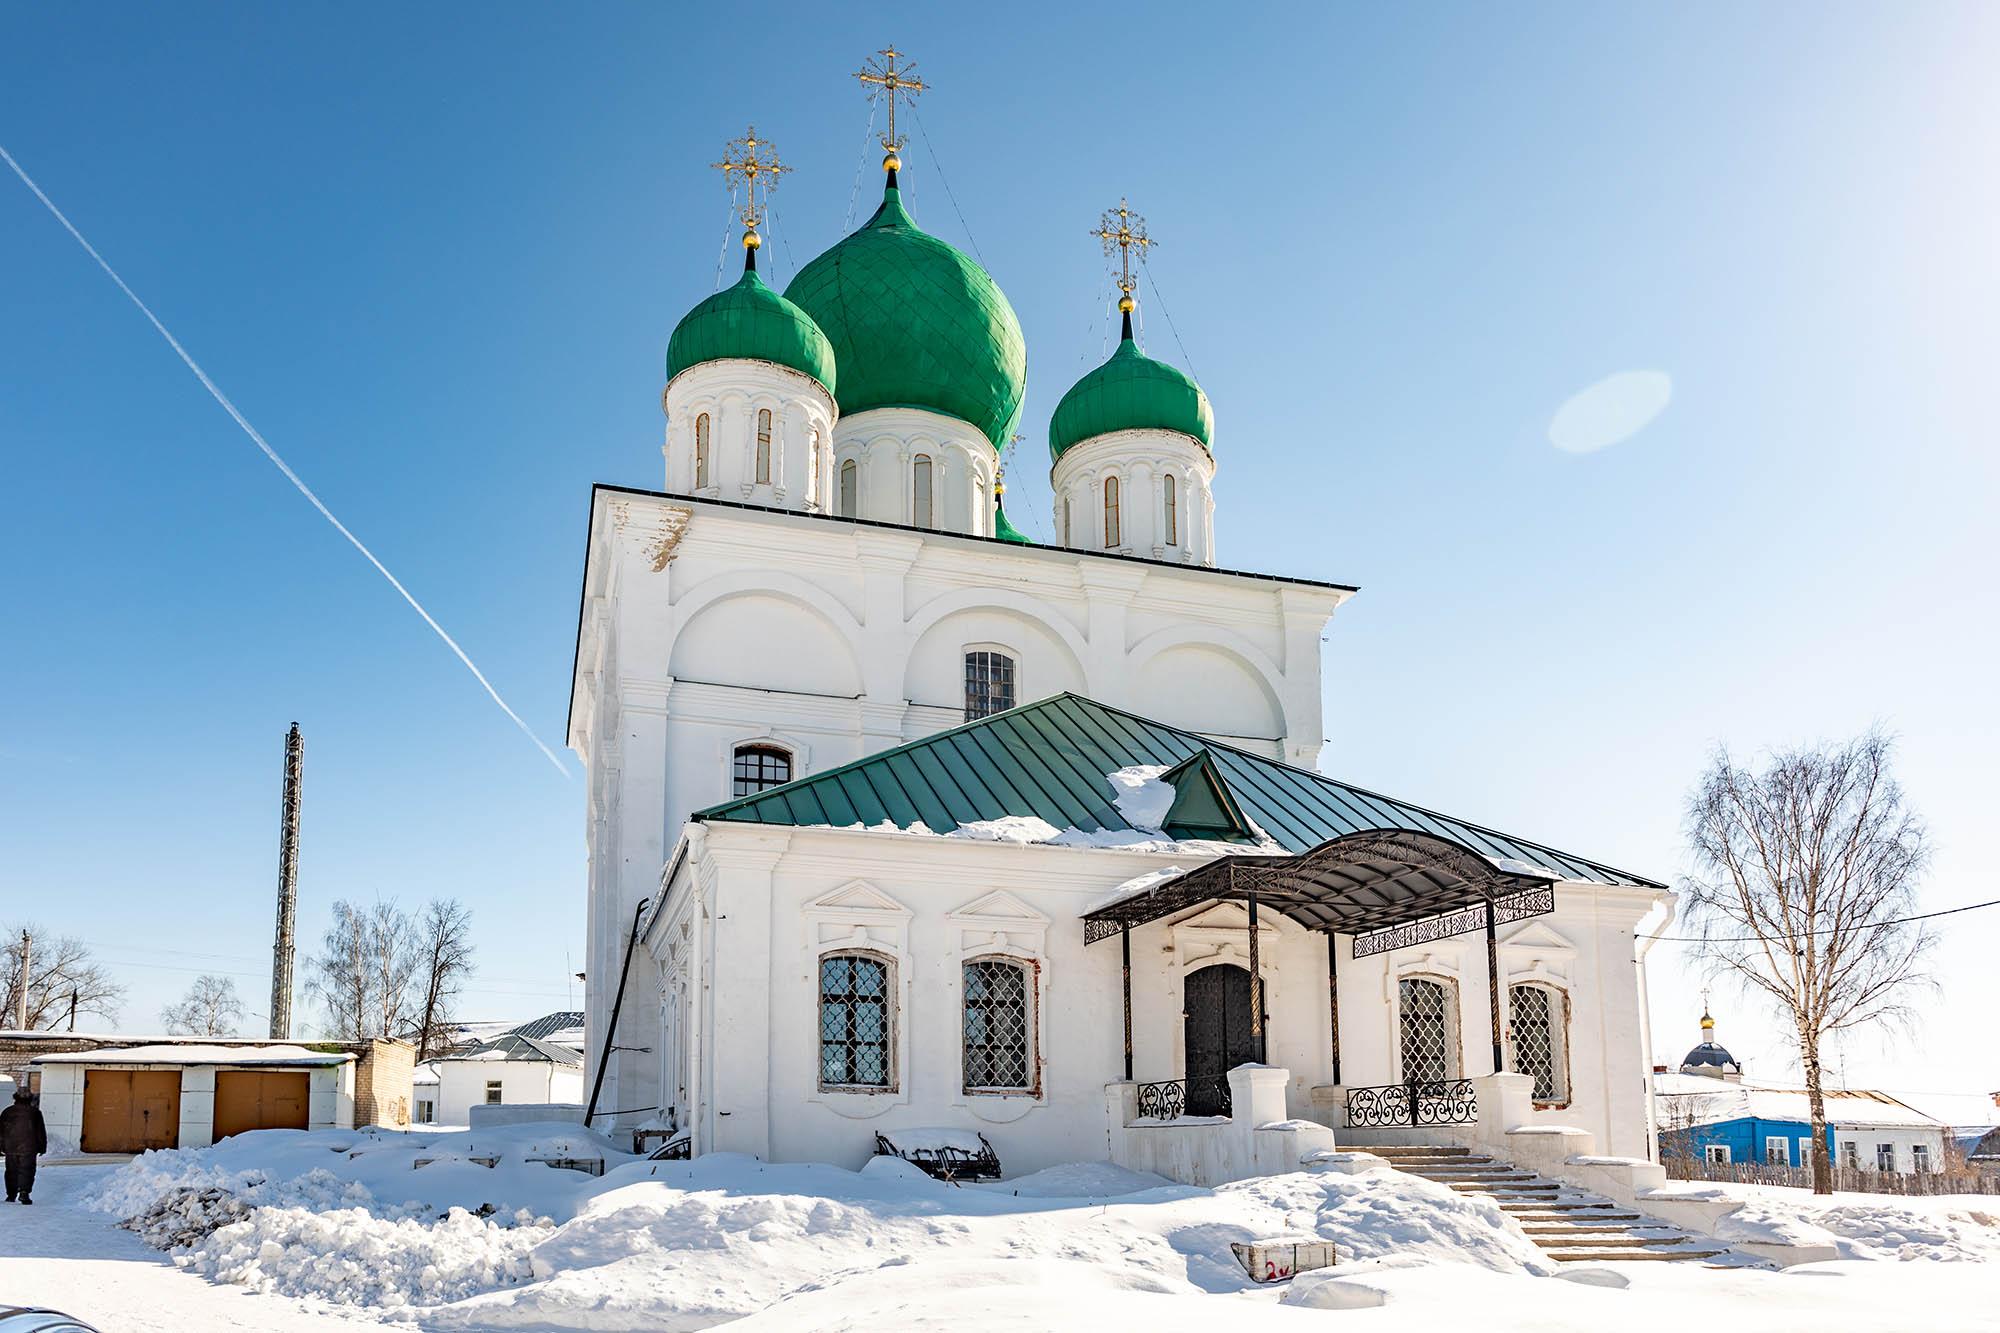 В Арзамасском Спасо-Преображенском монастыре открыли памятную доску семье купца Сторожева